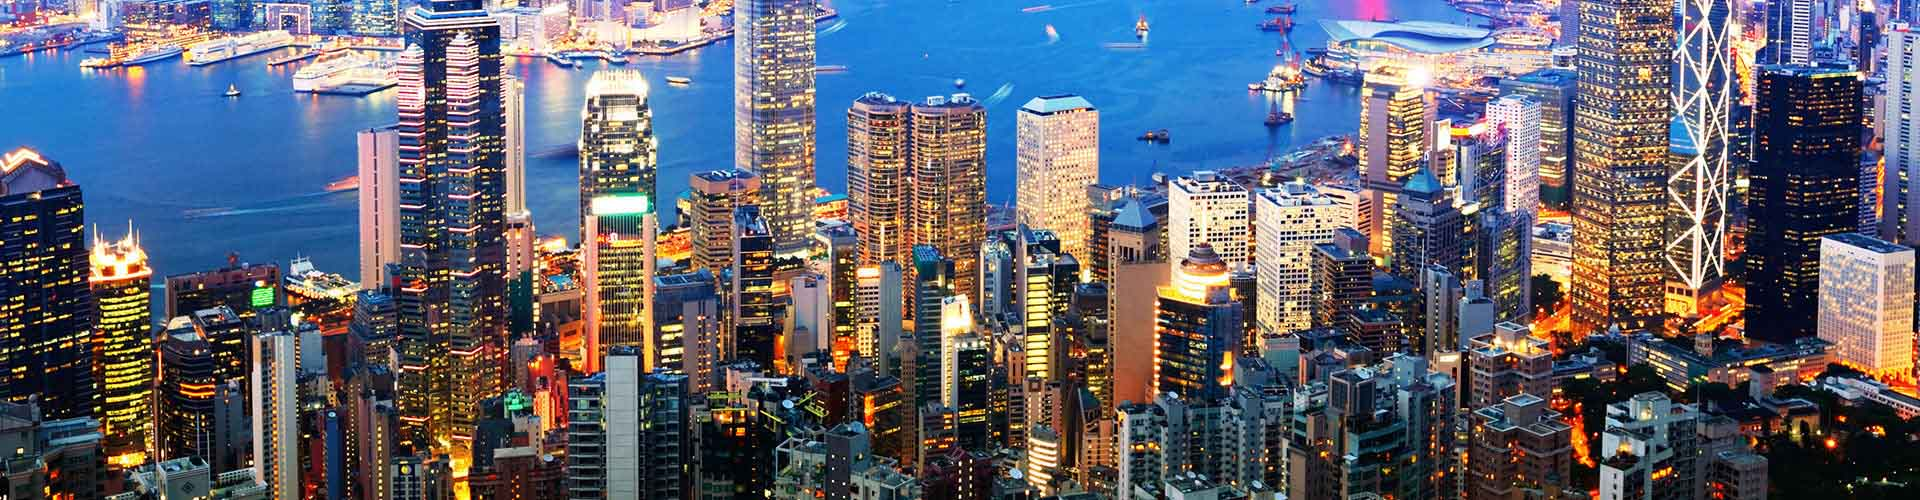 Hongkong – Hostels in Hongkong. Hongkong auf der Karte. Fotos und Bewertungen für jedes Hostel in Hongkong.